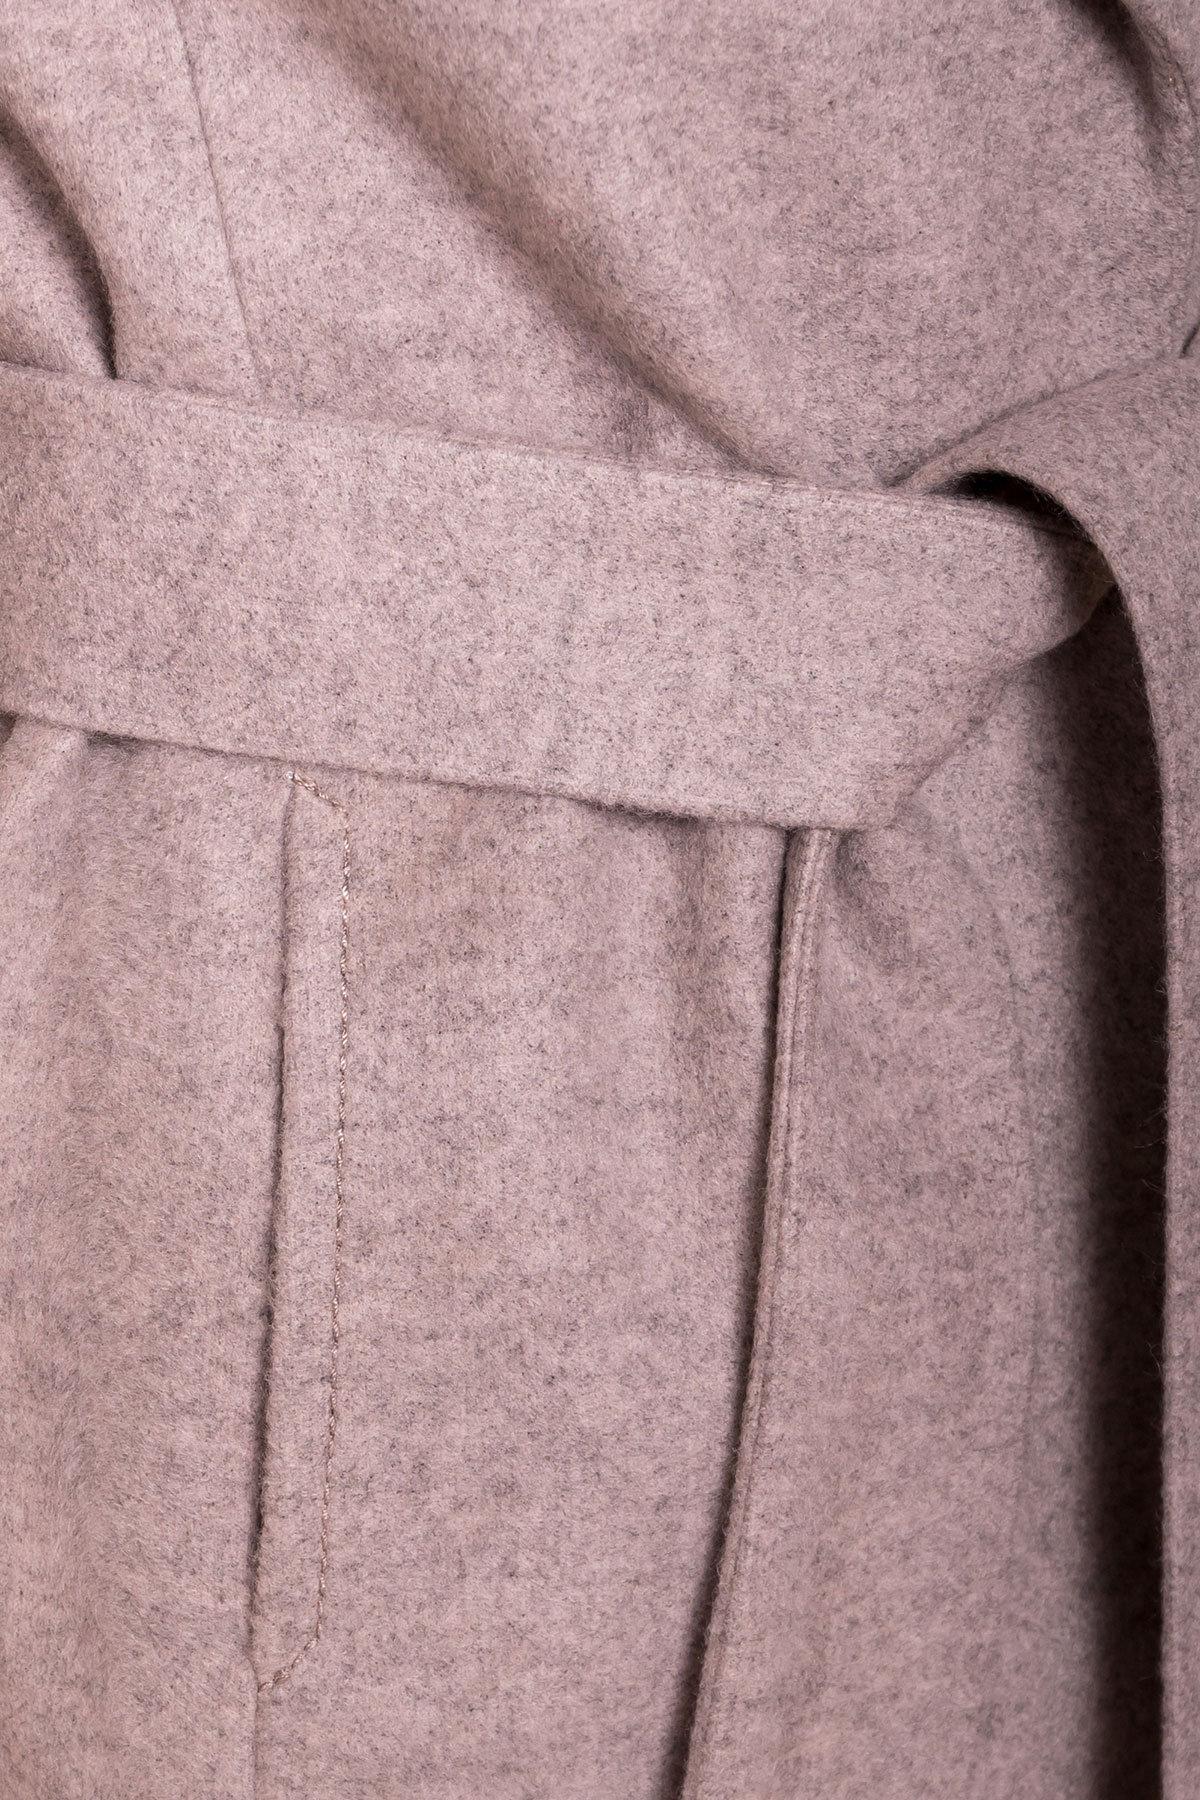 Пальто Верди 6205 АРТ. 41214 Цвет: Бежевый 31 - фото 7, интернет магазин tm-modus.ru